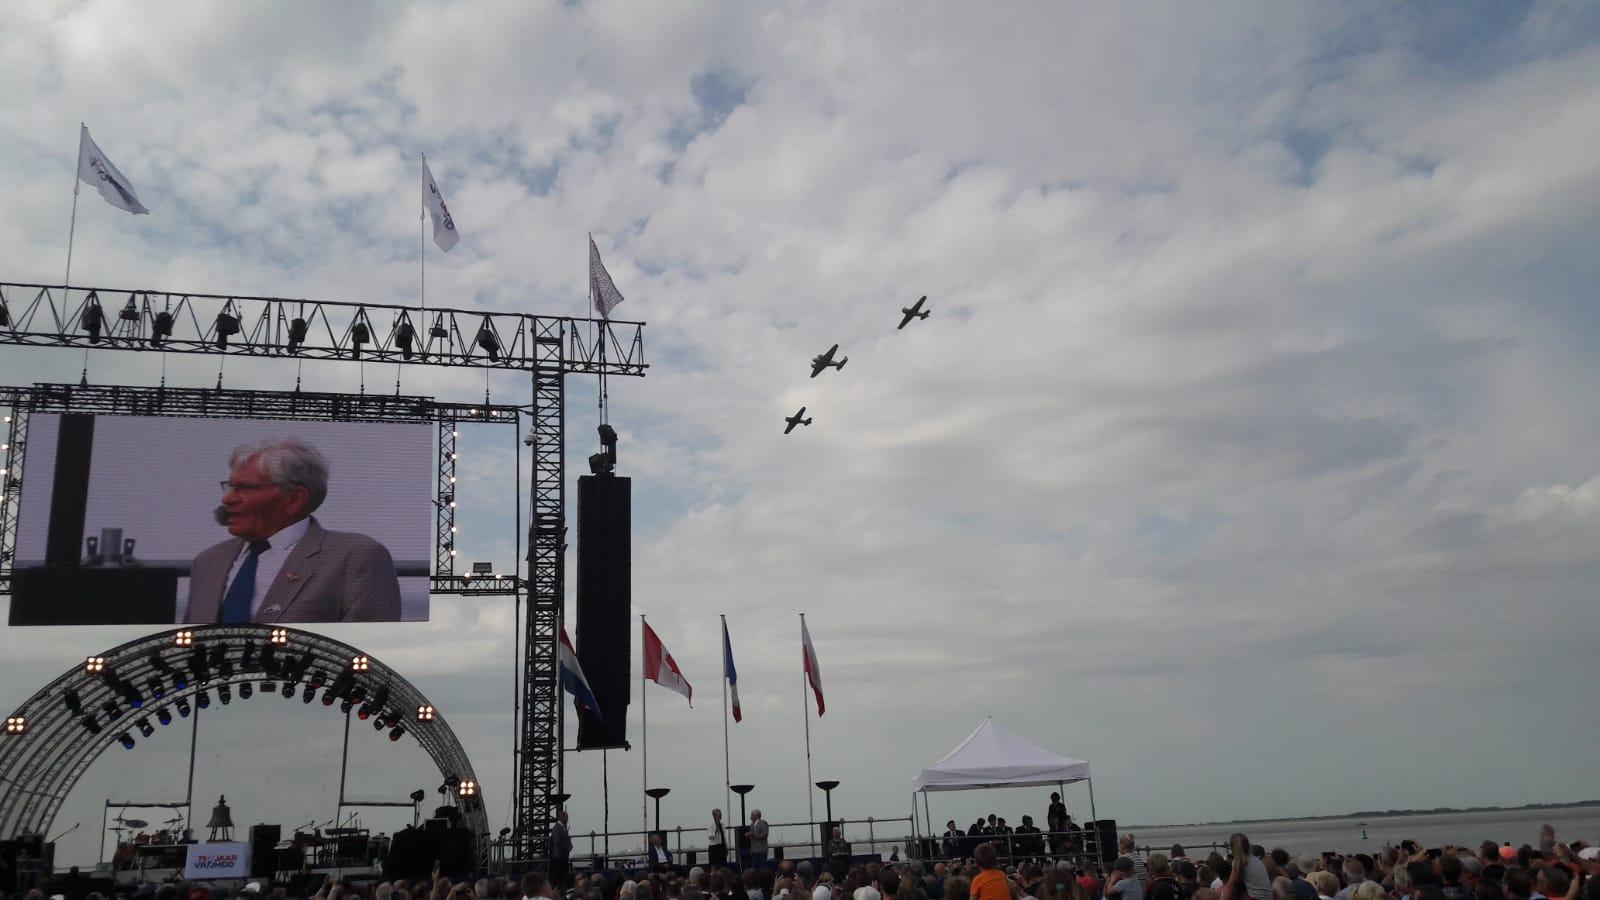 Vliegtuigen scheren langs de Scheldeboulevard.